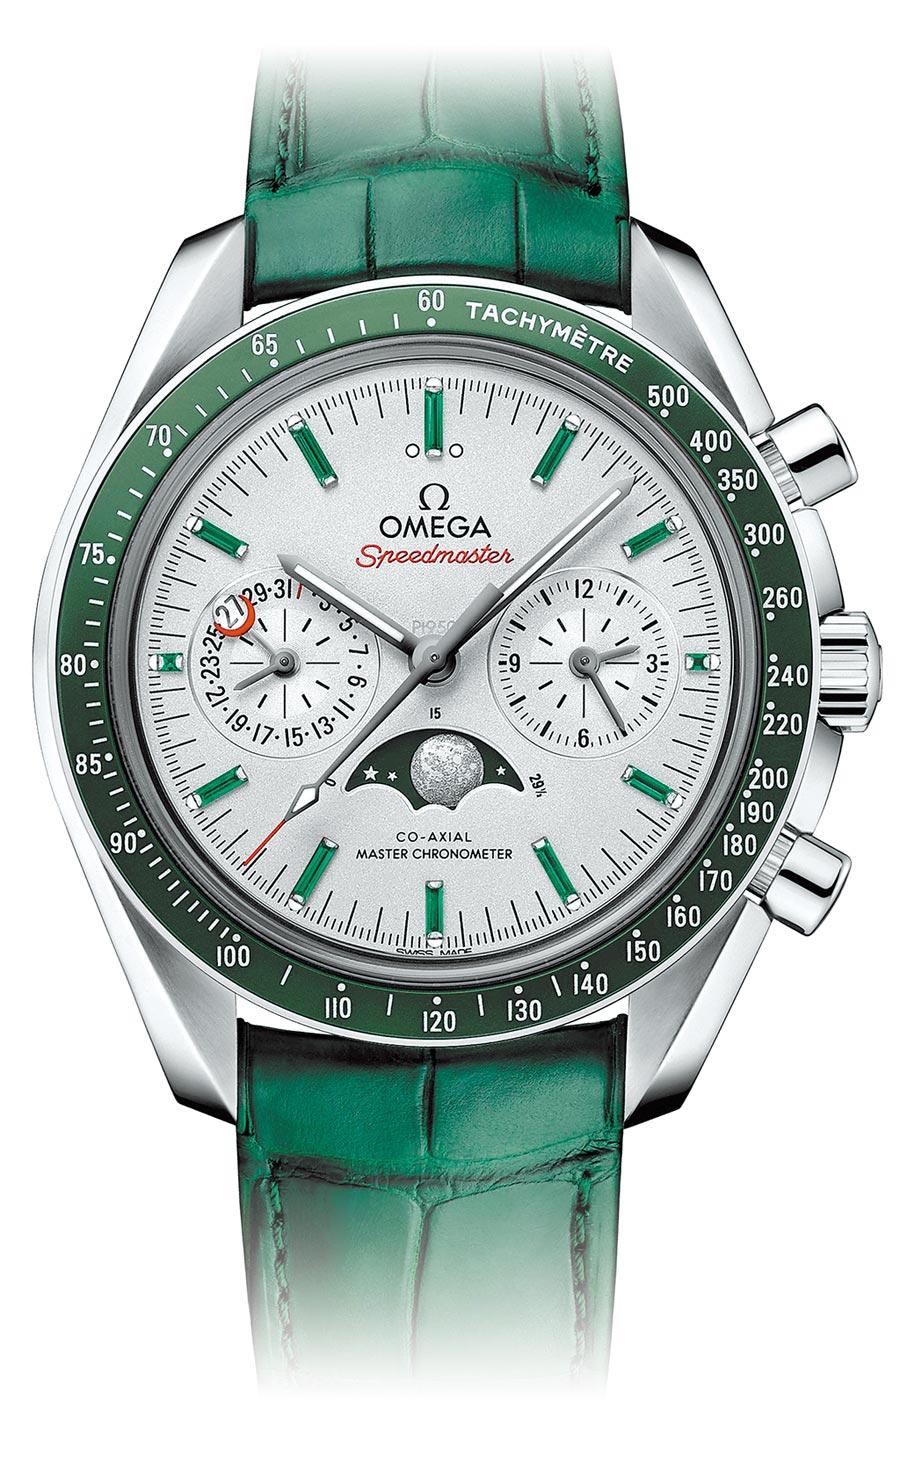 歐米茄Speedmaster超霸系列同軸擒縱月相大師天文台計時腕表,綠表圈搭祖母綠時標,201萬3900元。(OMEGA提供)